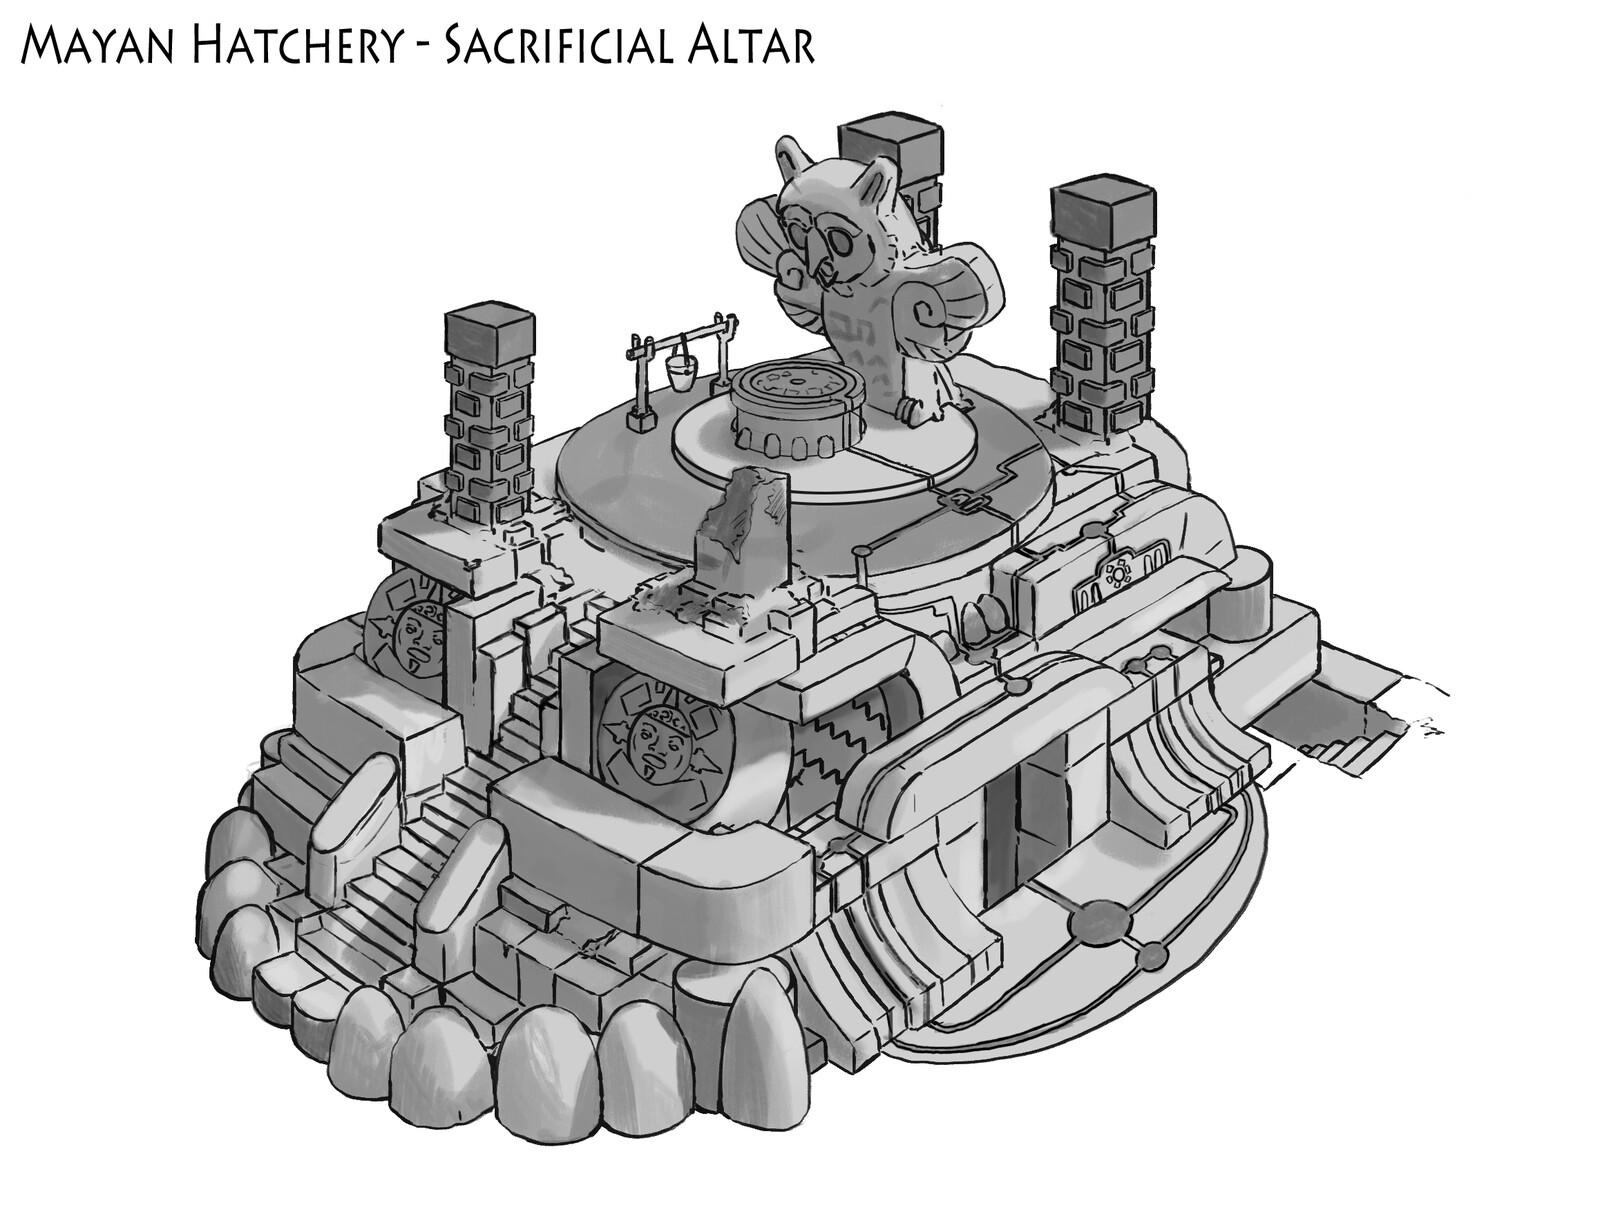 Mayan Sacrificial altar and demon hatchery